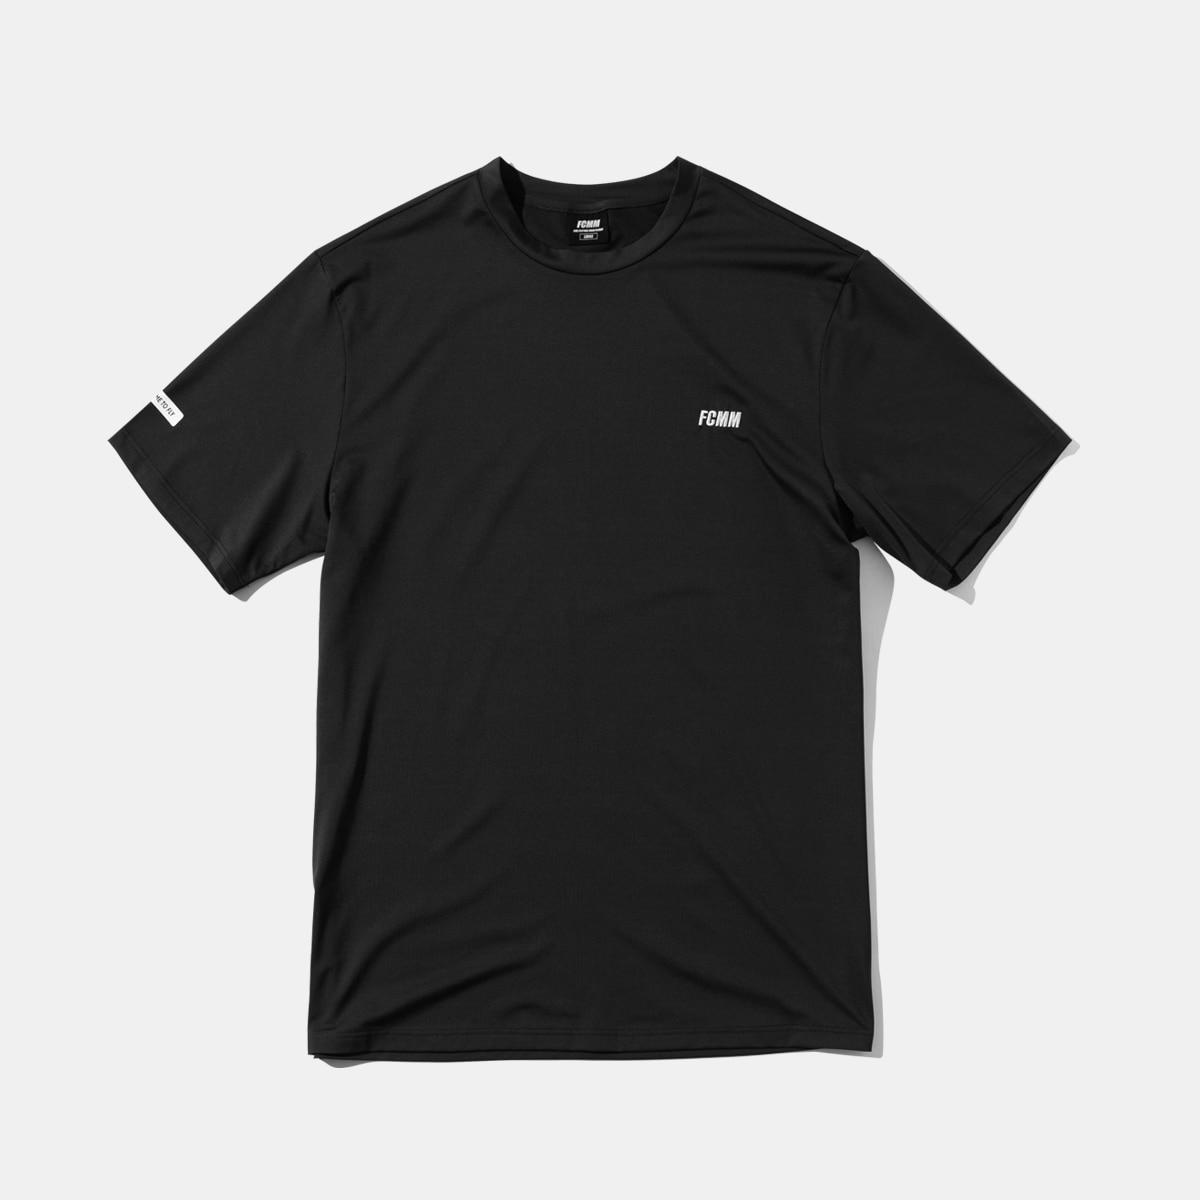 클럽 엠브로이드 에센셜 티셔츠 - 블랙/화이트